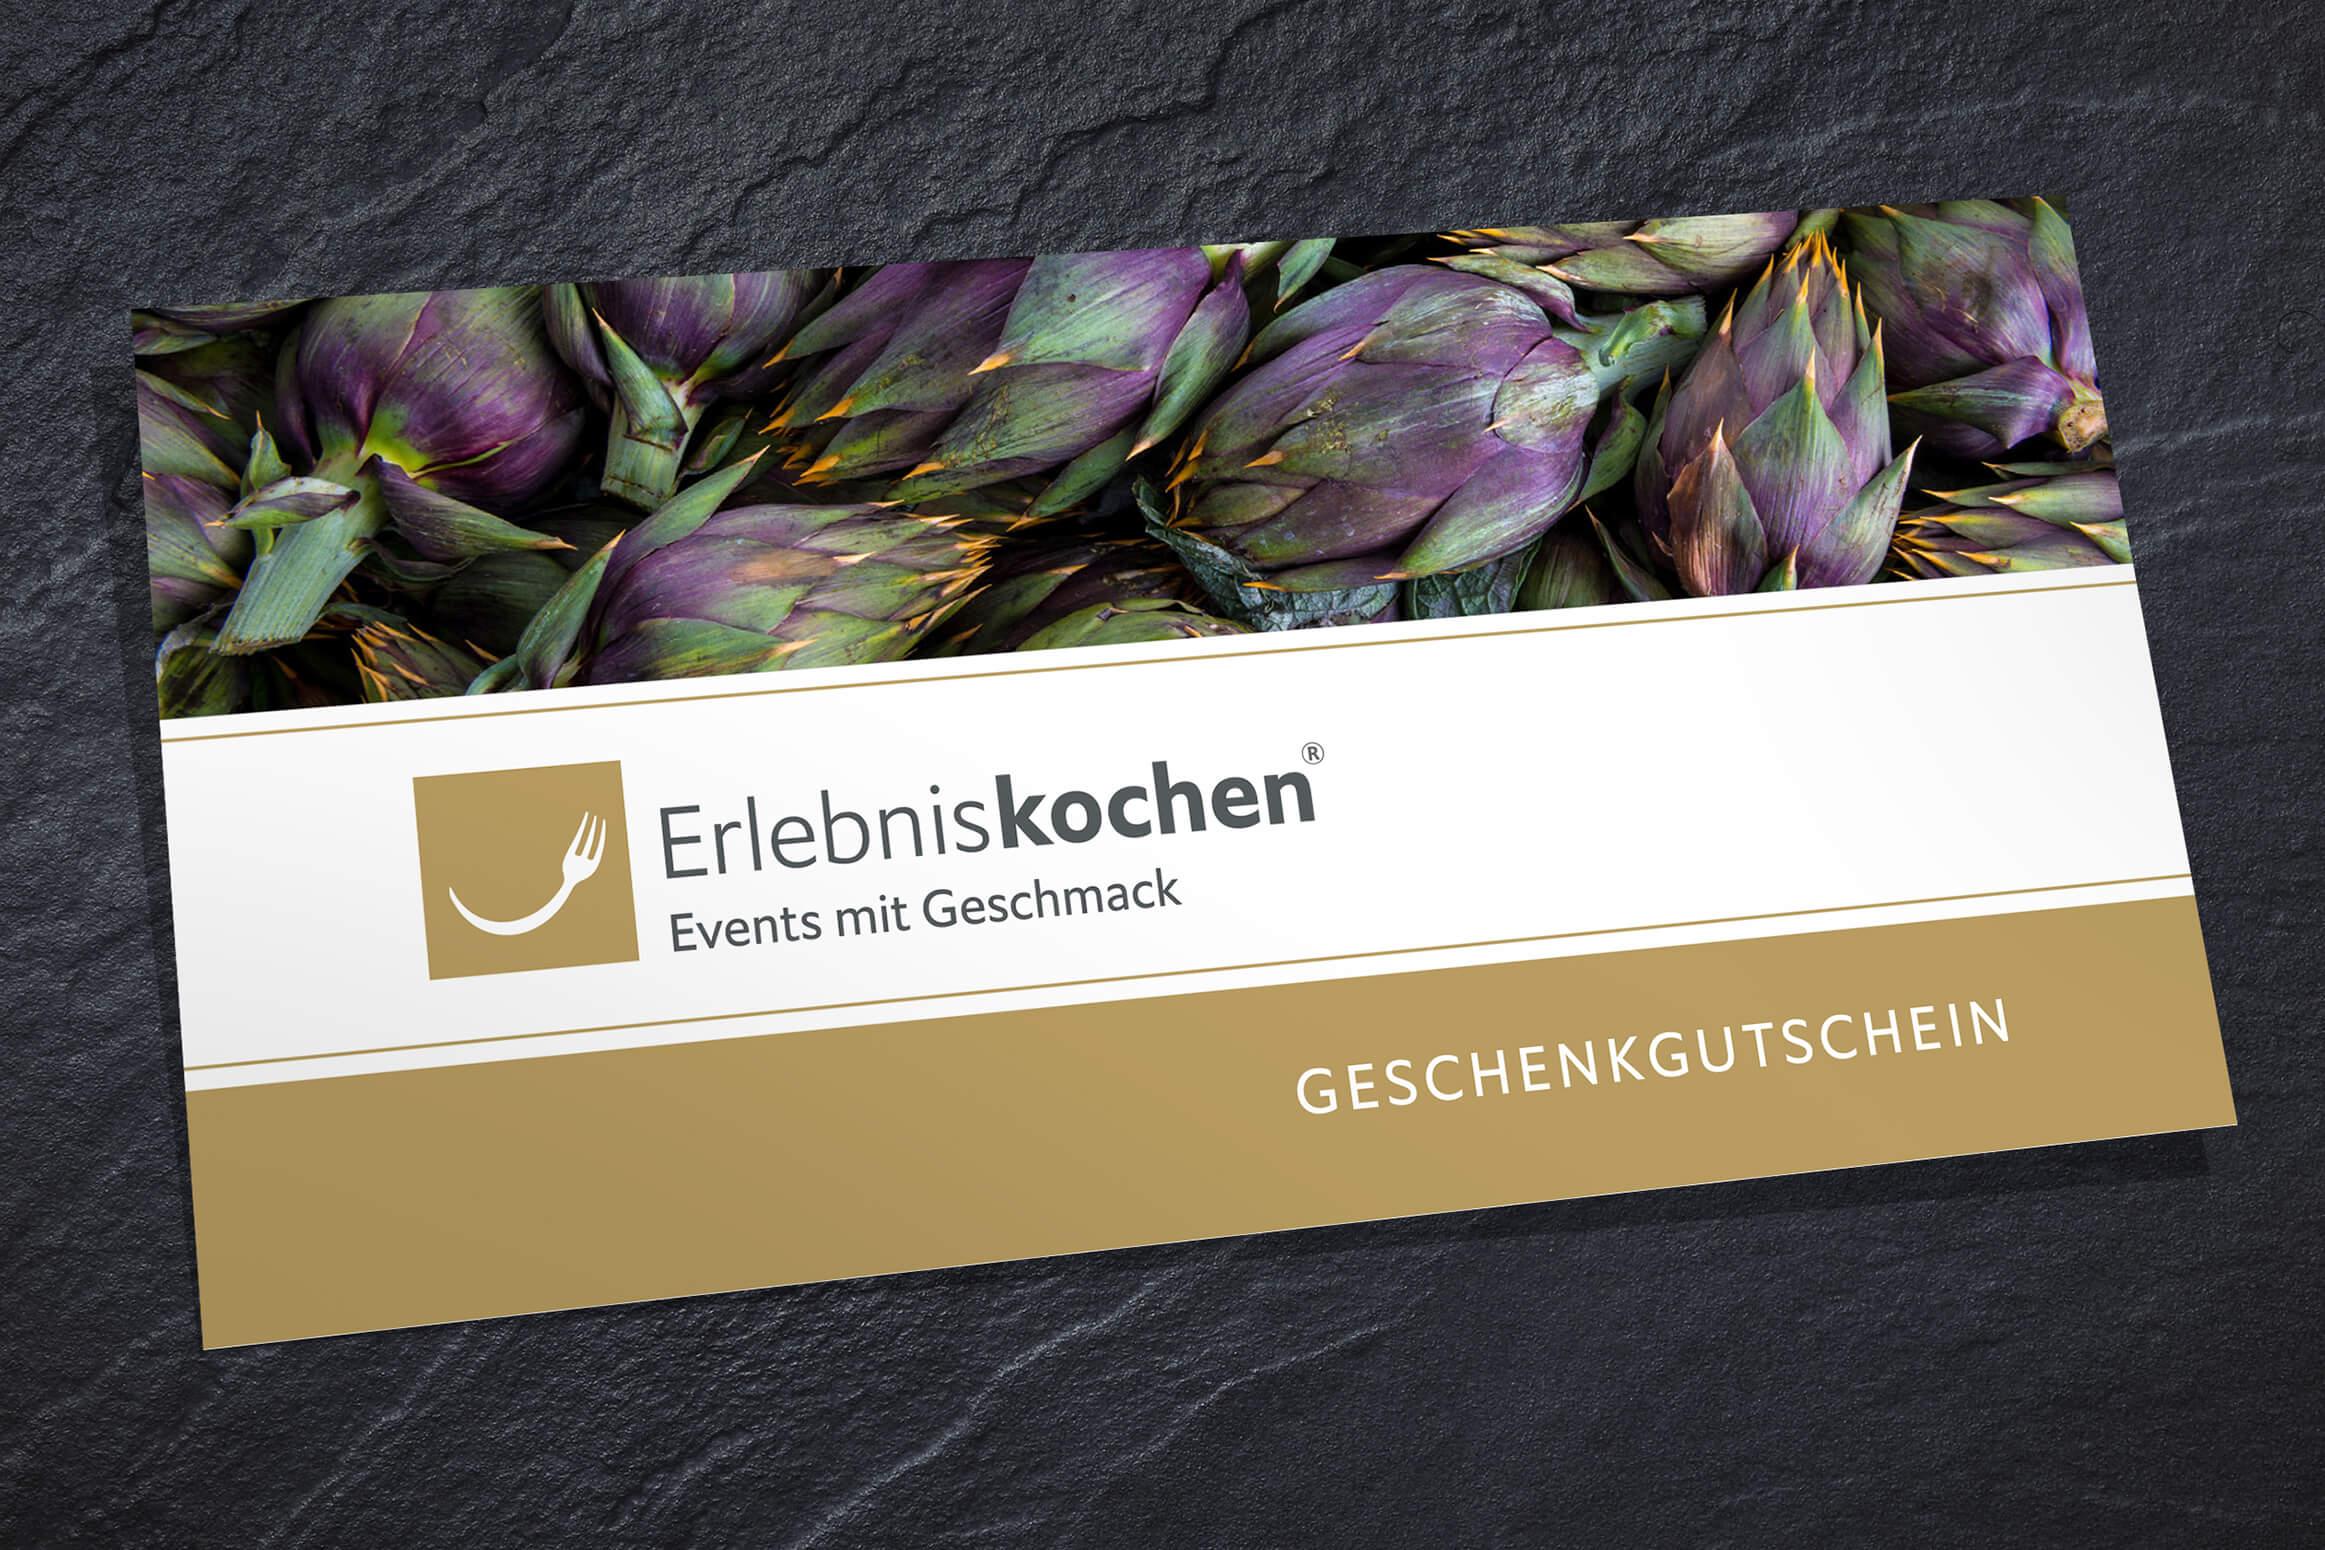 Erlebniskochen-Produkt: Gutschein – Weinschmecken - Flexibel in Termin und Location | Wert 55,- €